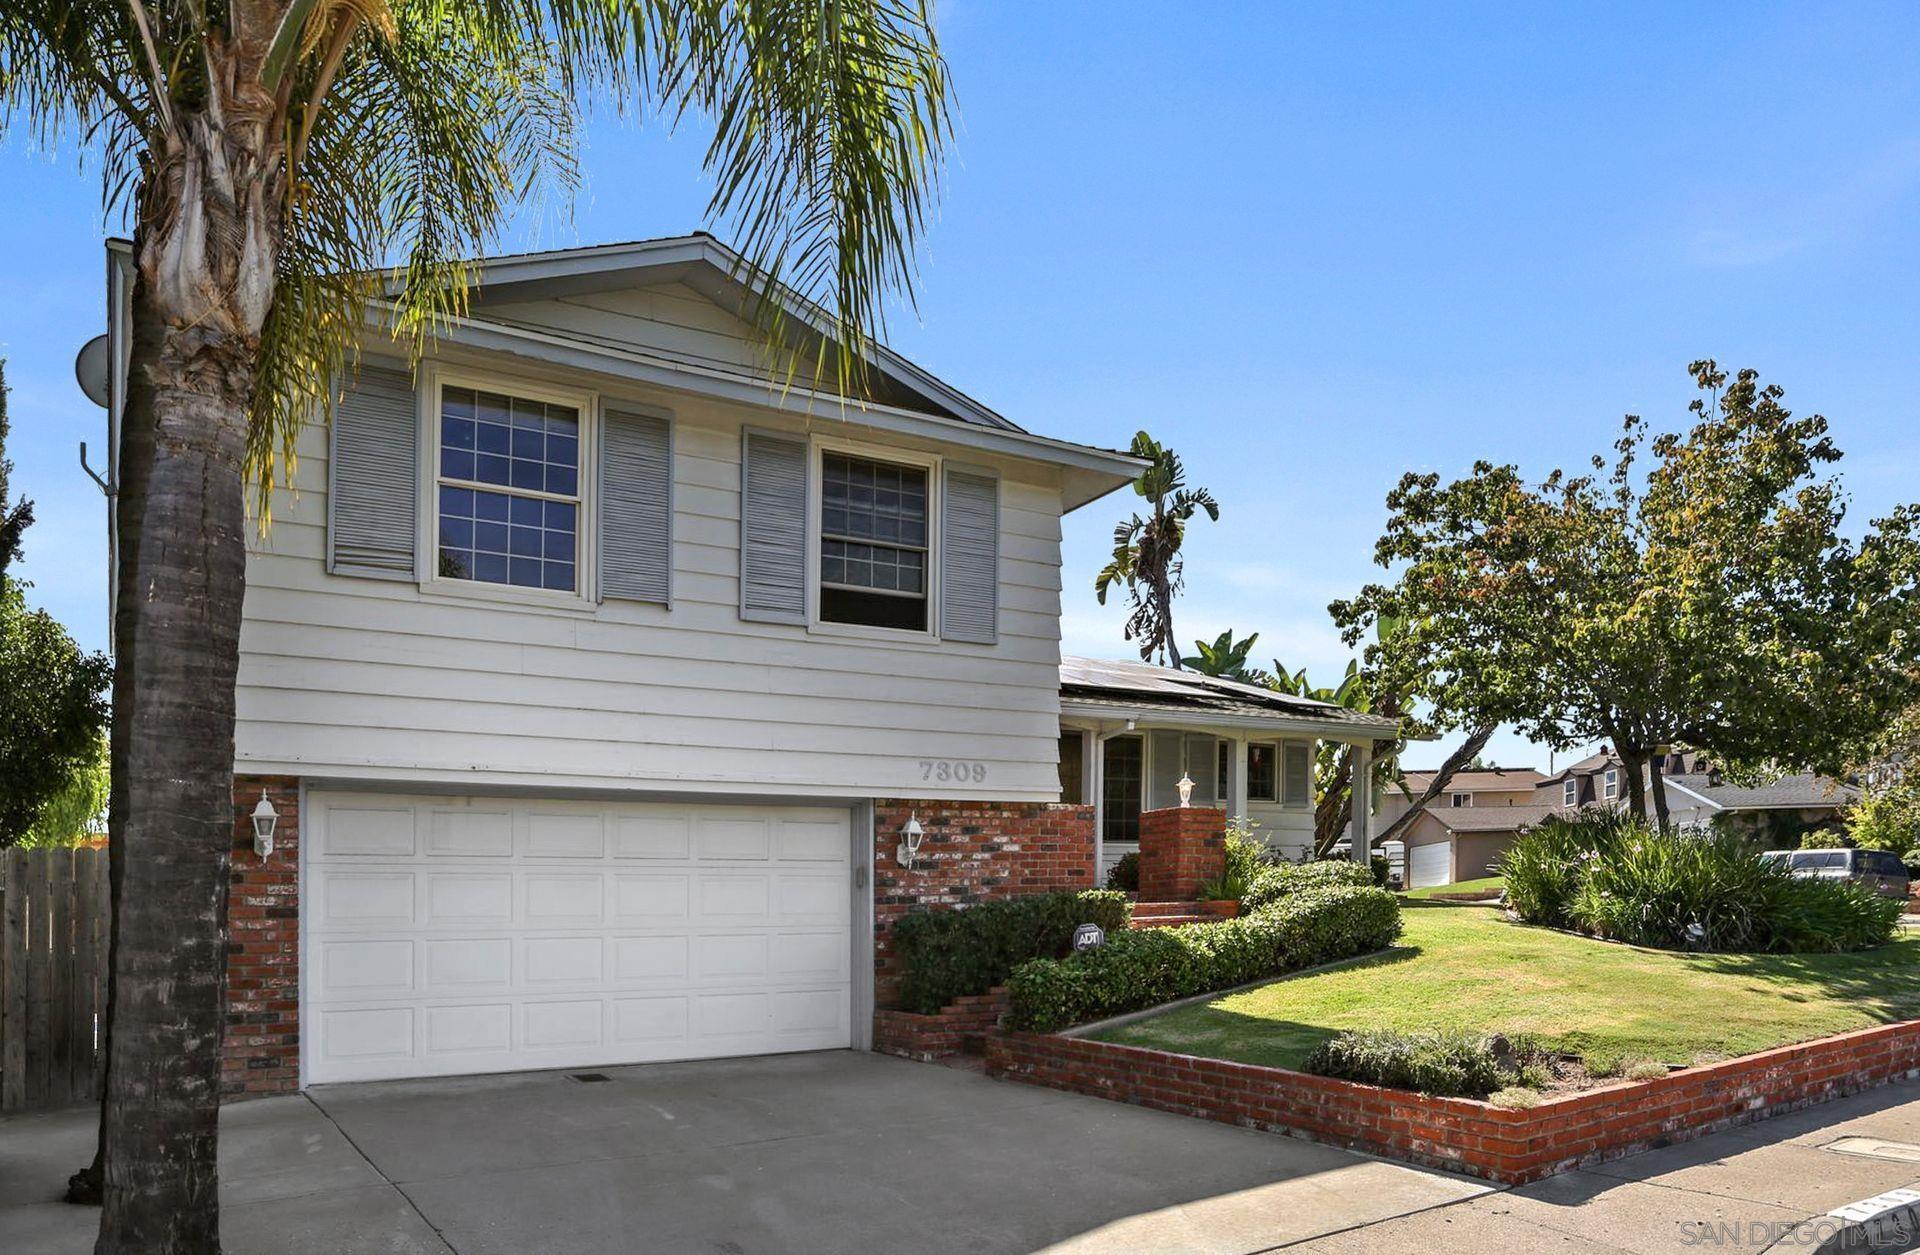 7309 Turnford Dr, San Diego, CA 92119